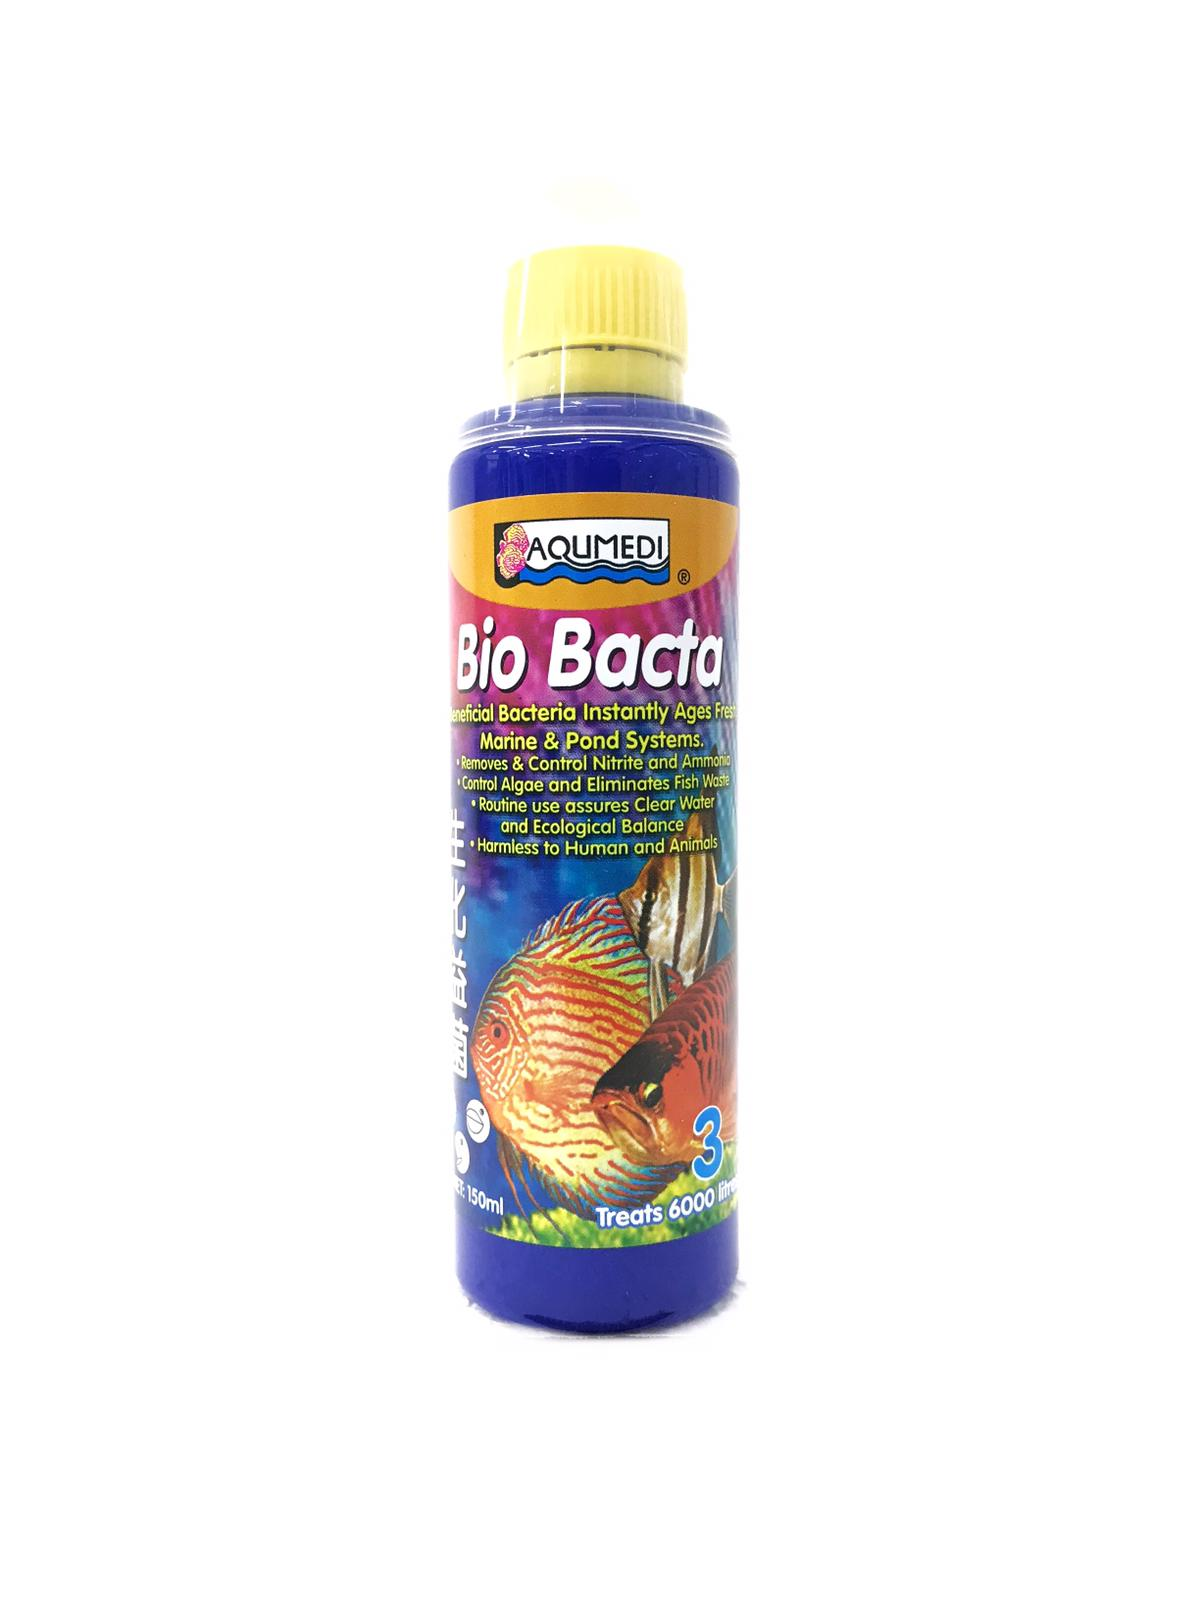 Aqumedi Bio bacta